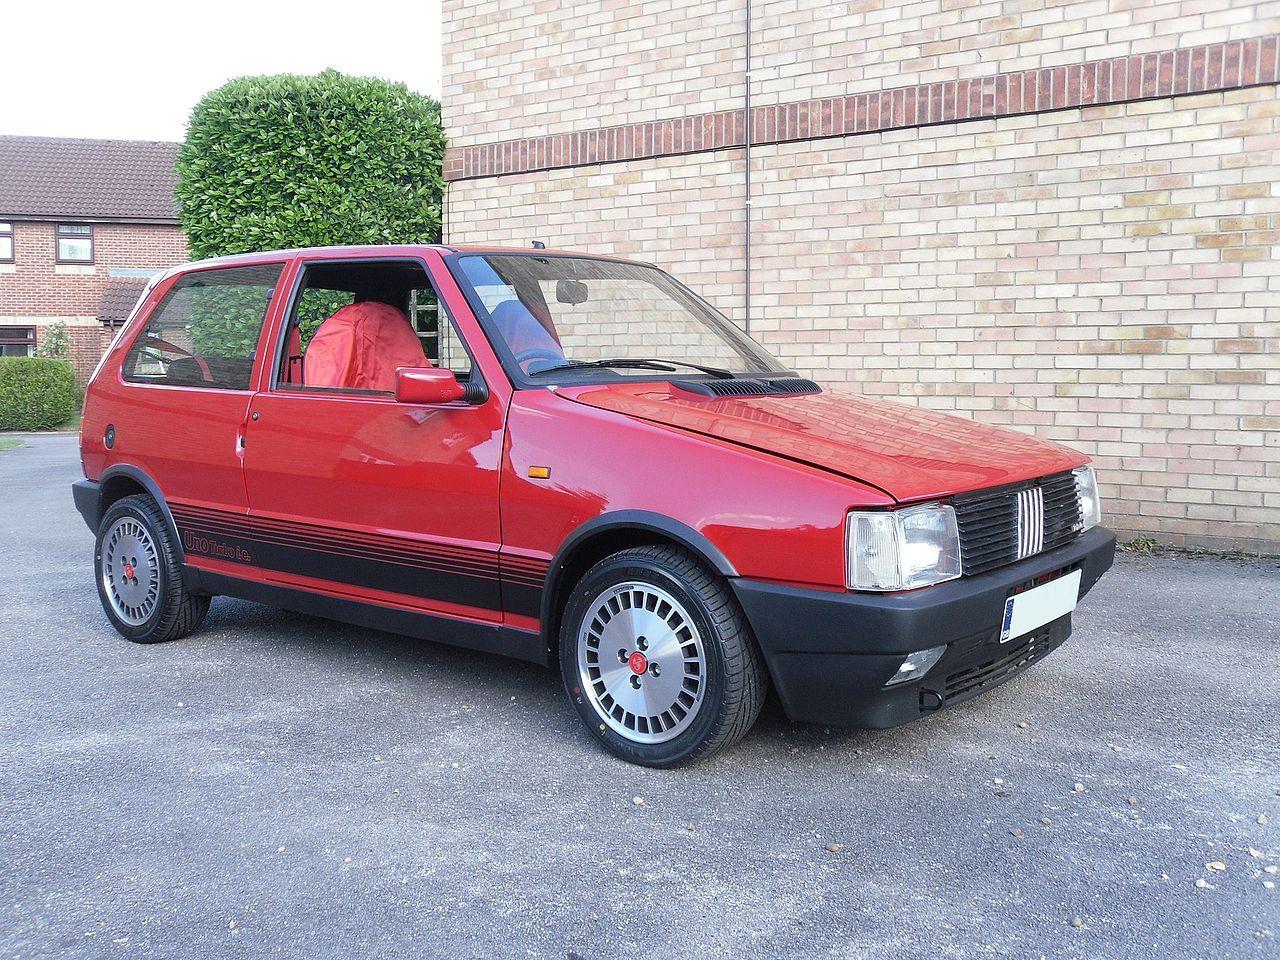 uk-registered fiat uno turbo i.e. (1988) - fiat uno - wikipedia